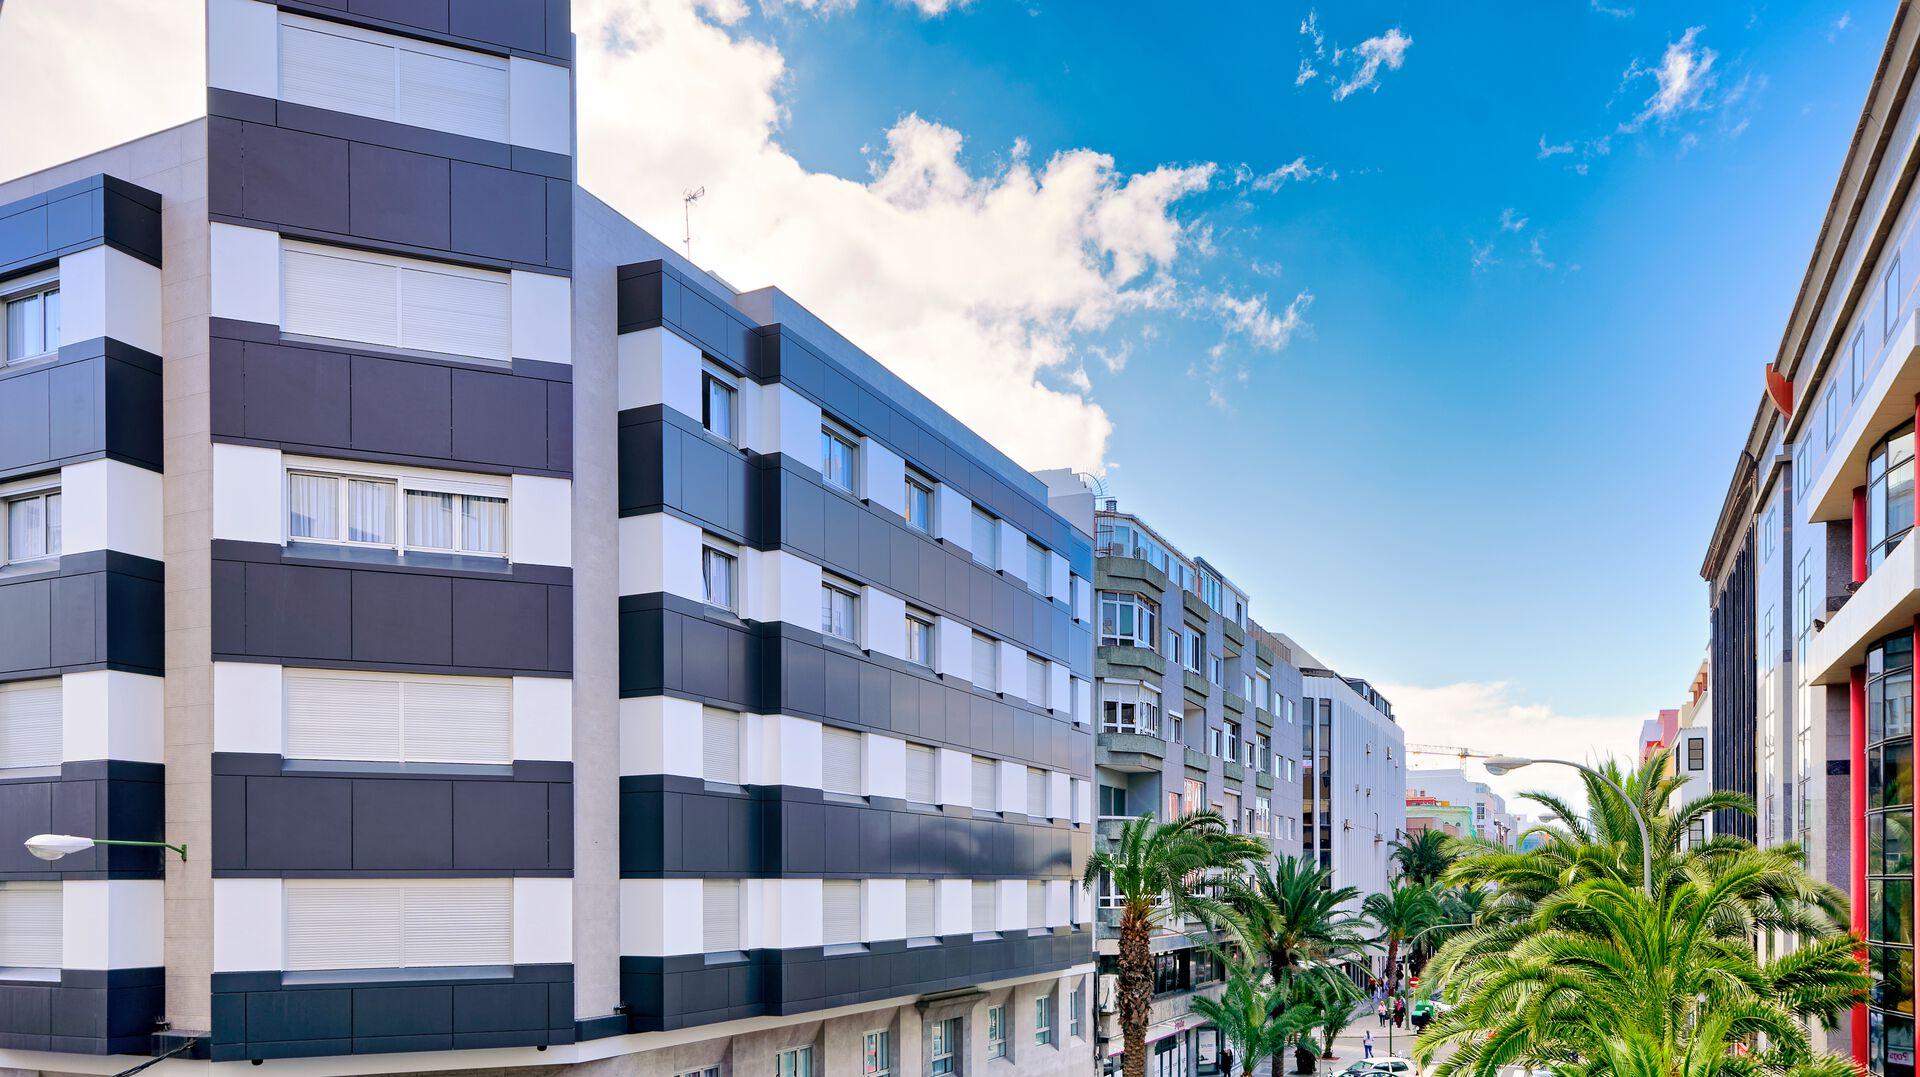 Séjour Las Palmas - Bex Deluxe Suites - 0*